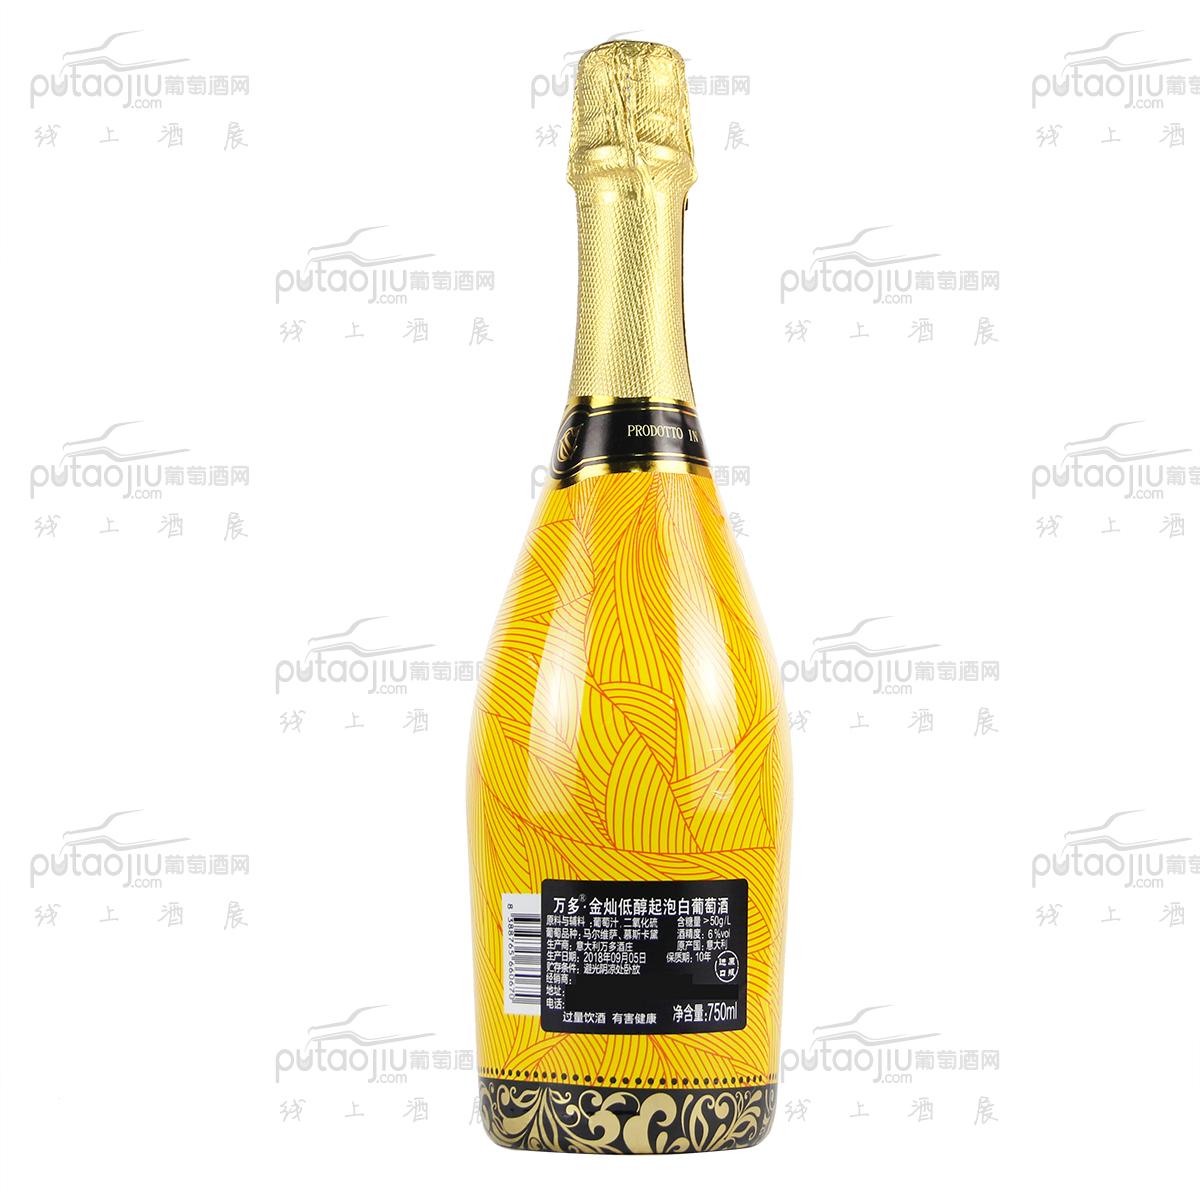 意大利艾米利亚万多酒庄混酿金灿低醇VDT起泡酒